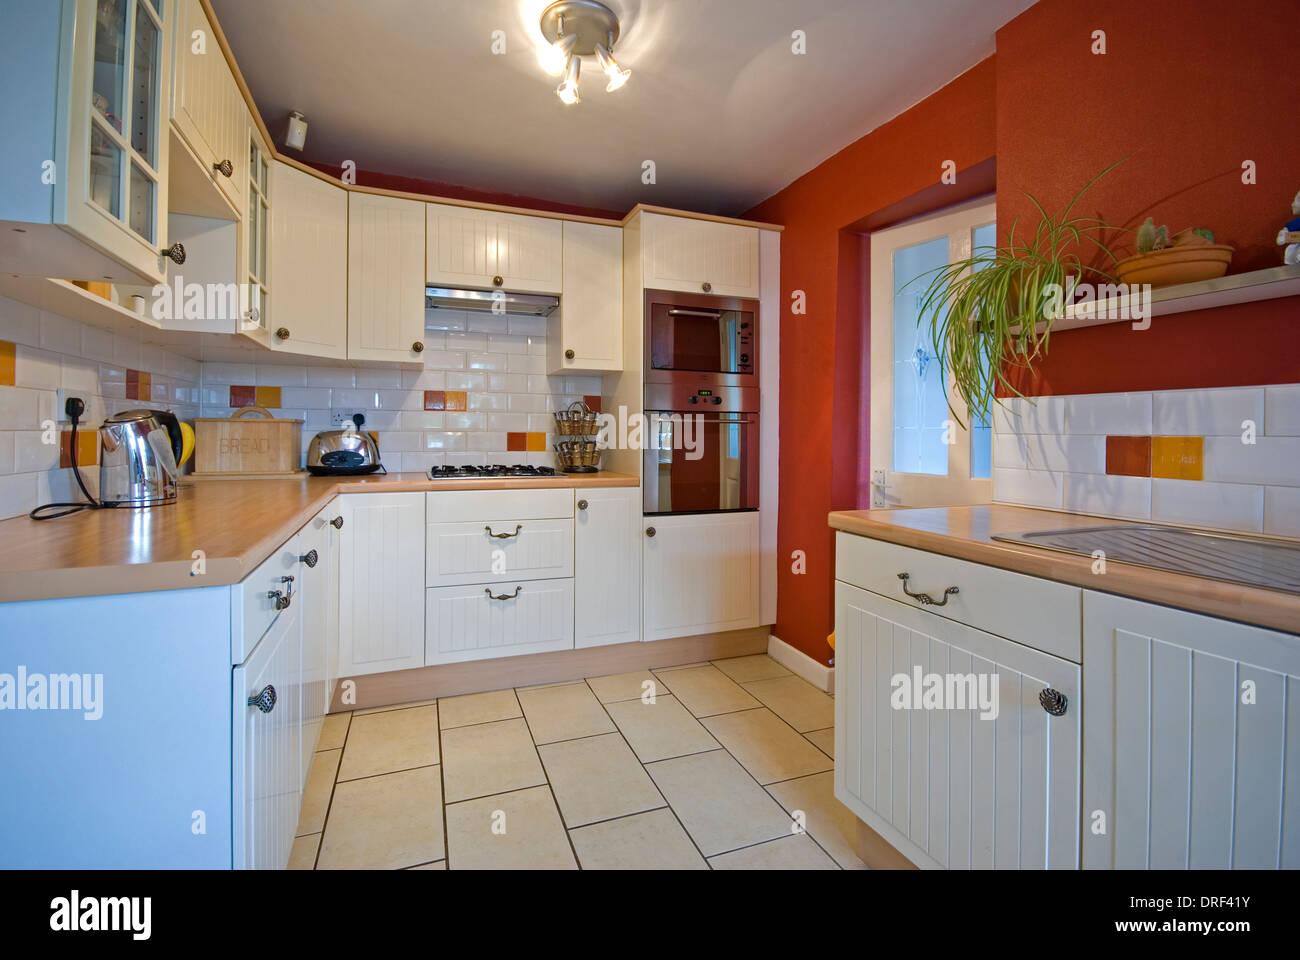 Familienküche mit weißen Shaker-Stil-Schränke und Holz Laminat ...